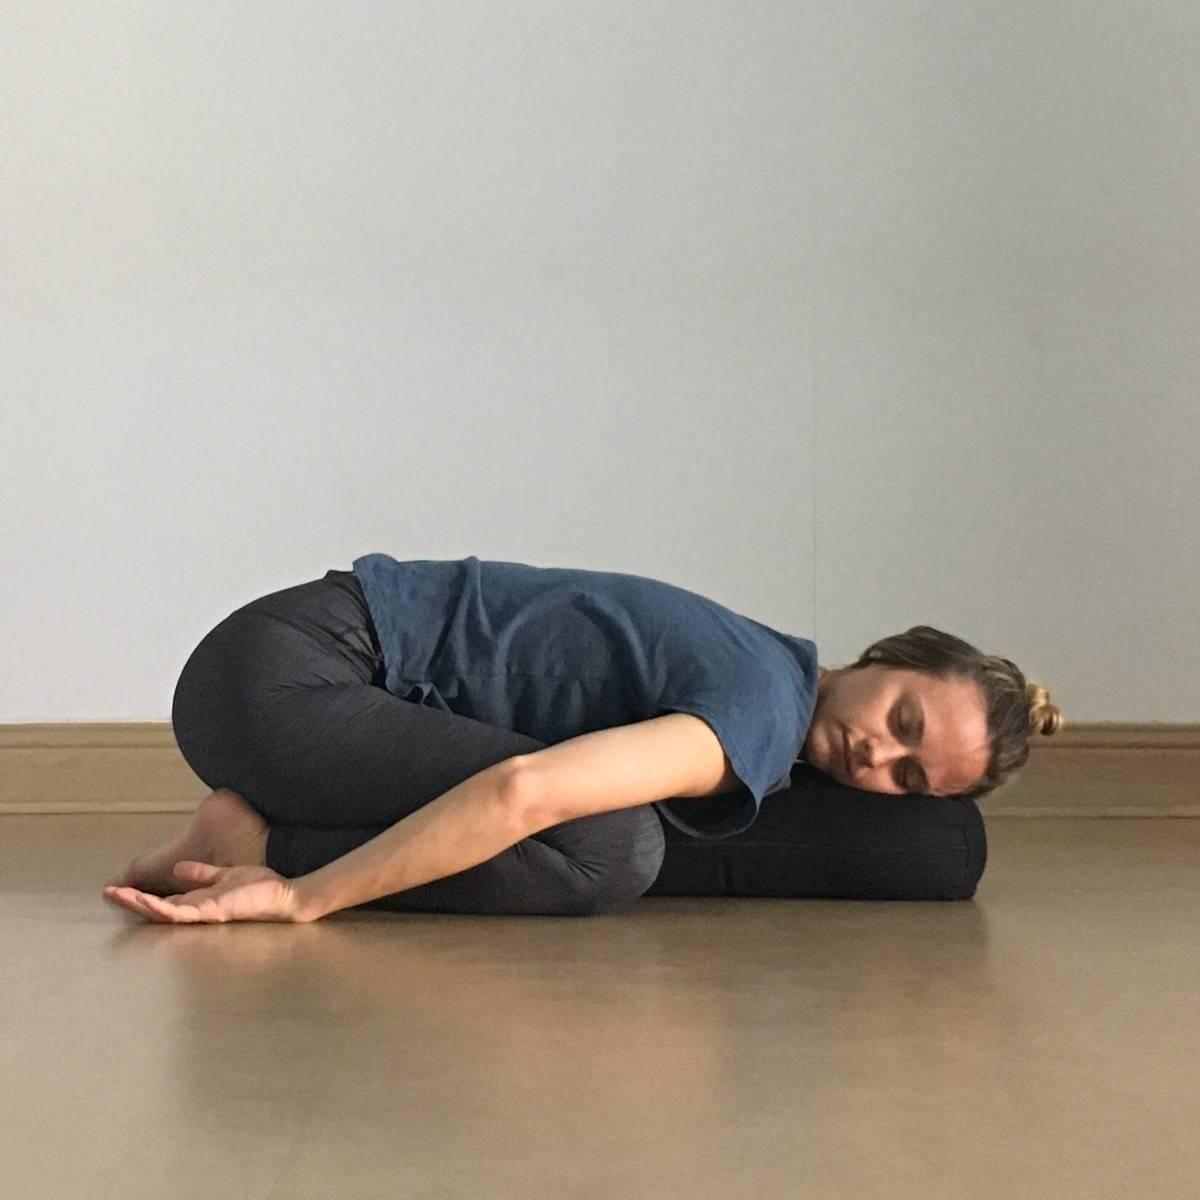 Основные принципы и комплекс упражнений для начинающих практиков Инь йоги